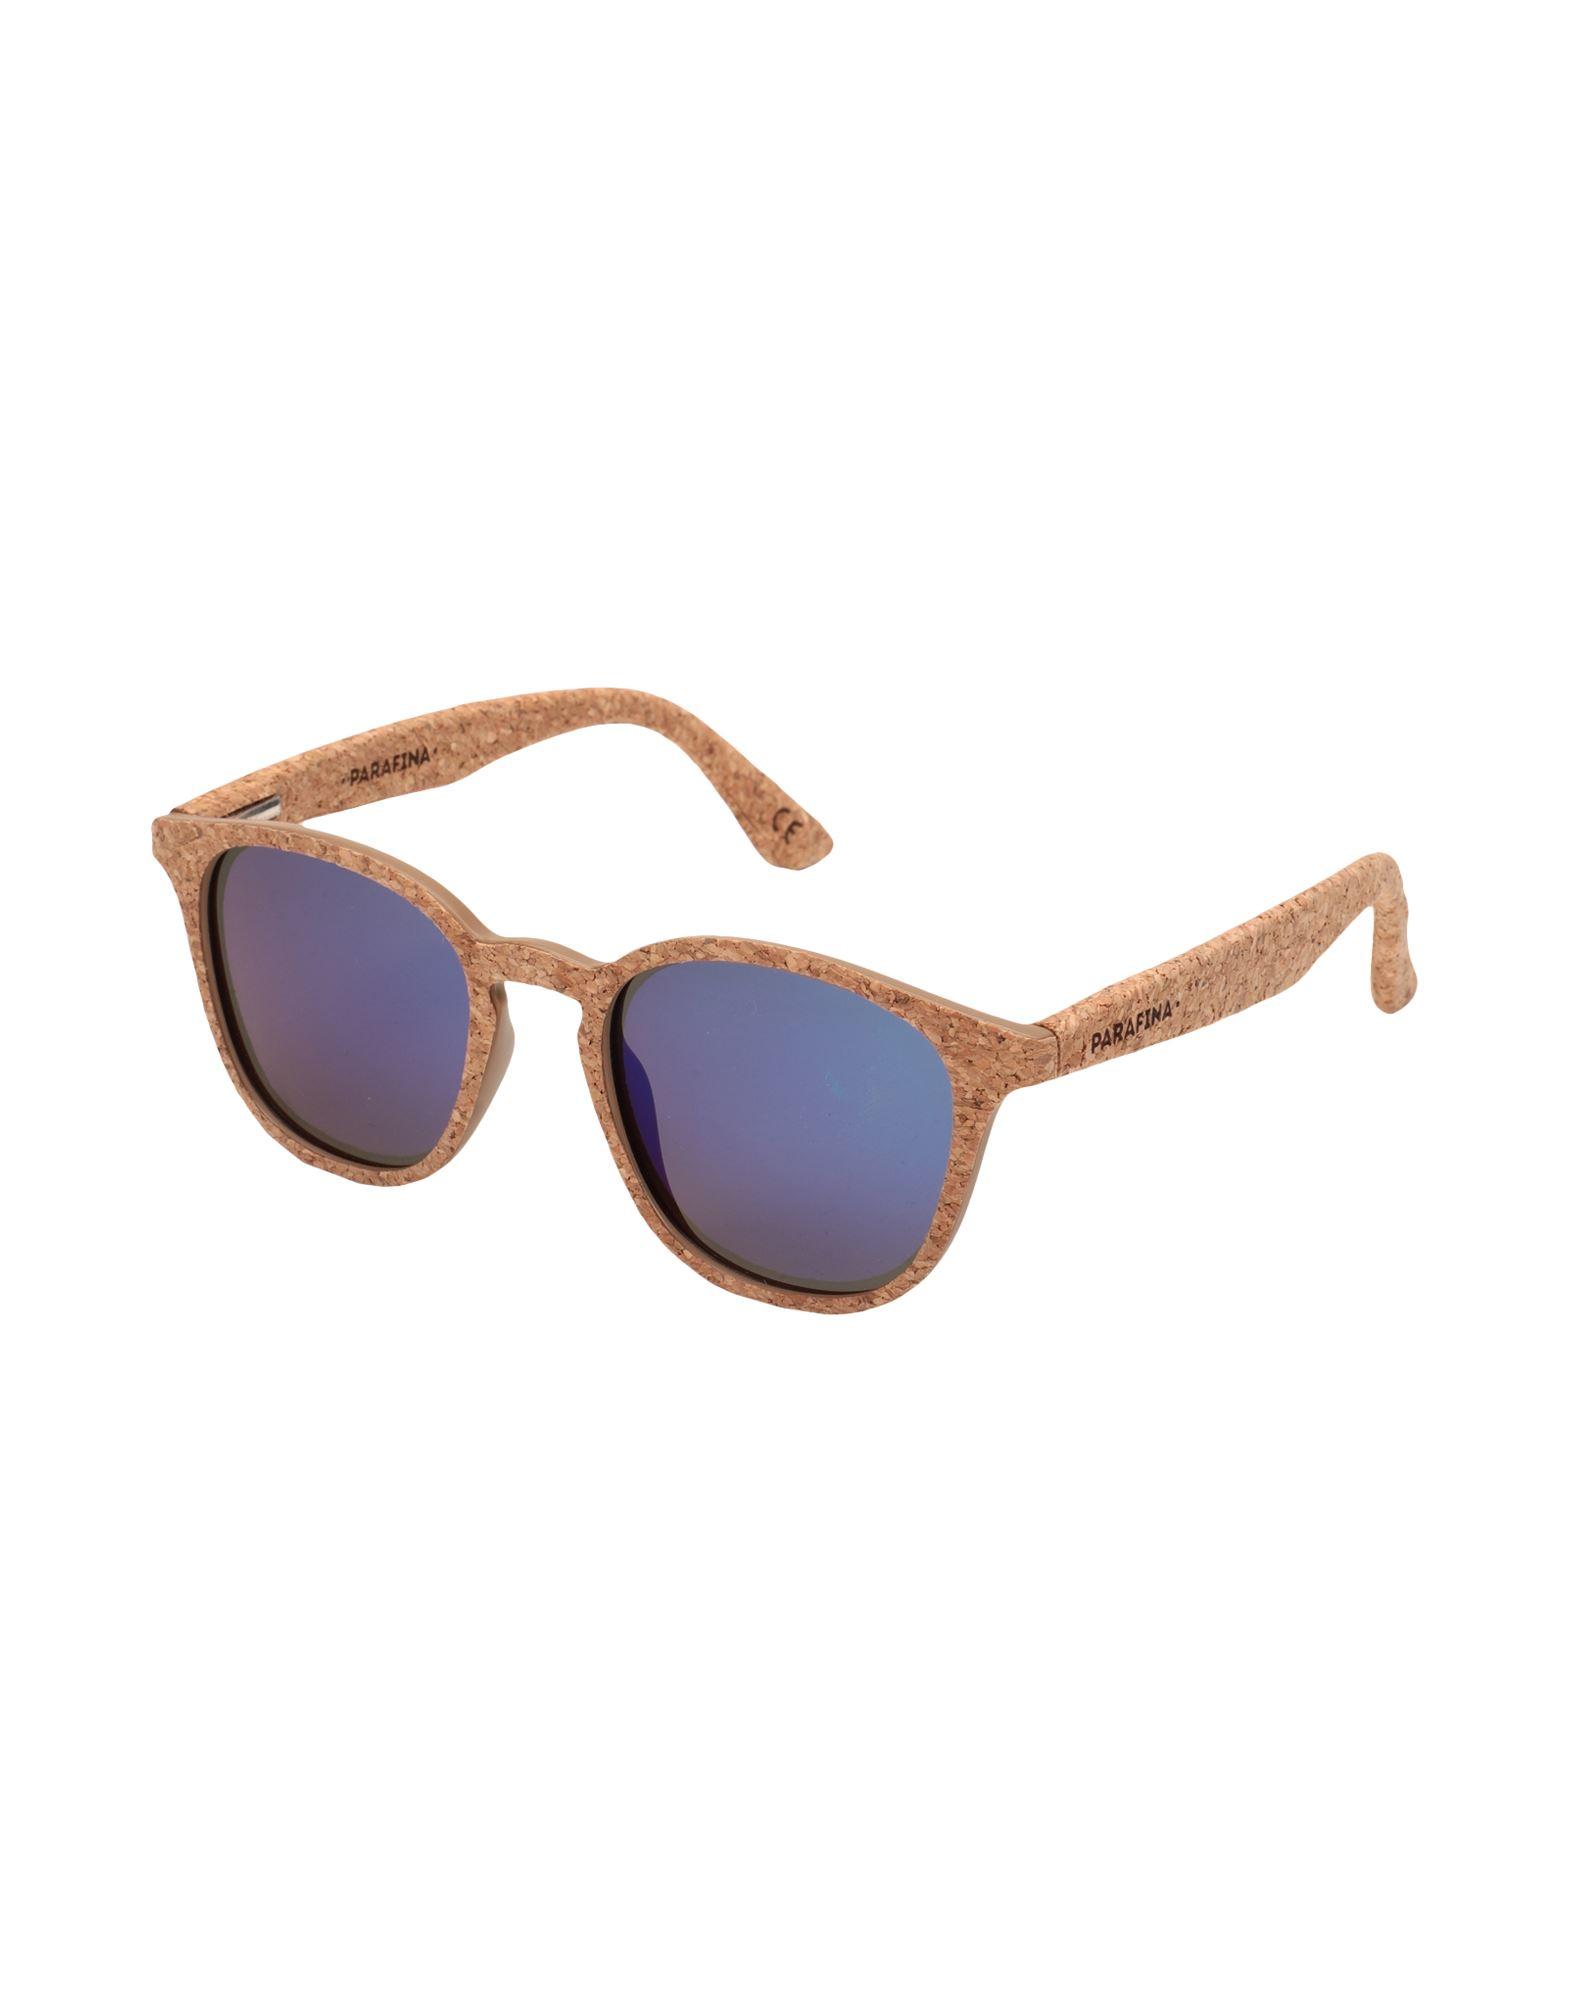 PARAFINA Sunglasses - Item 46746464